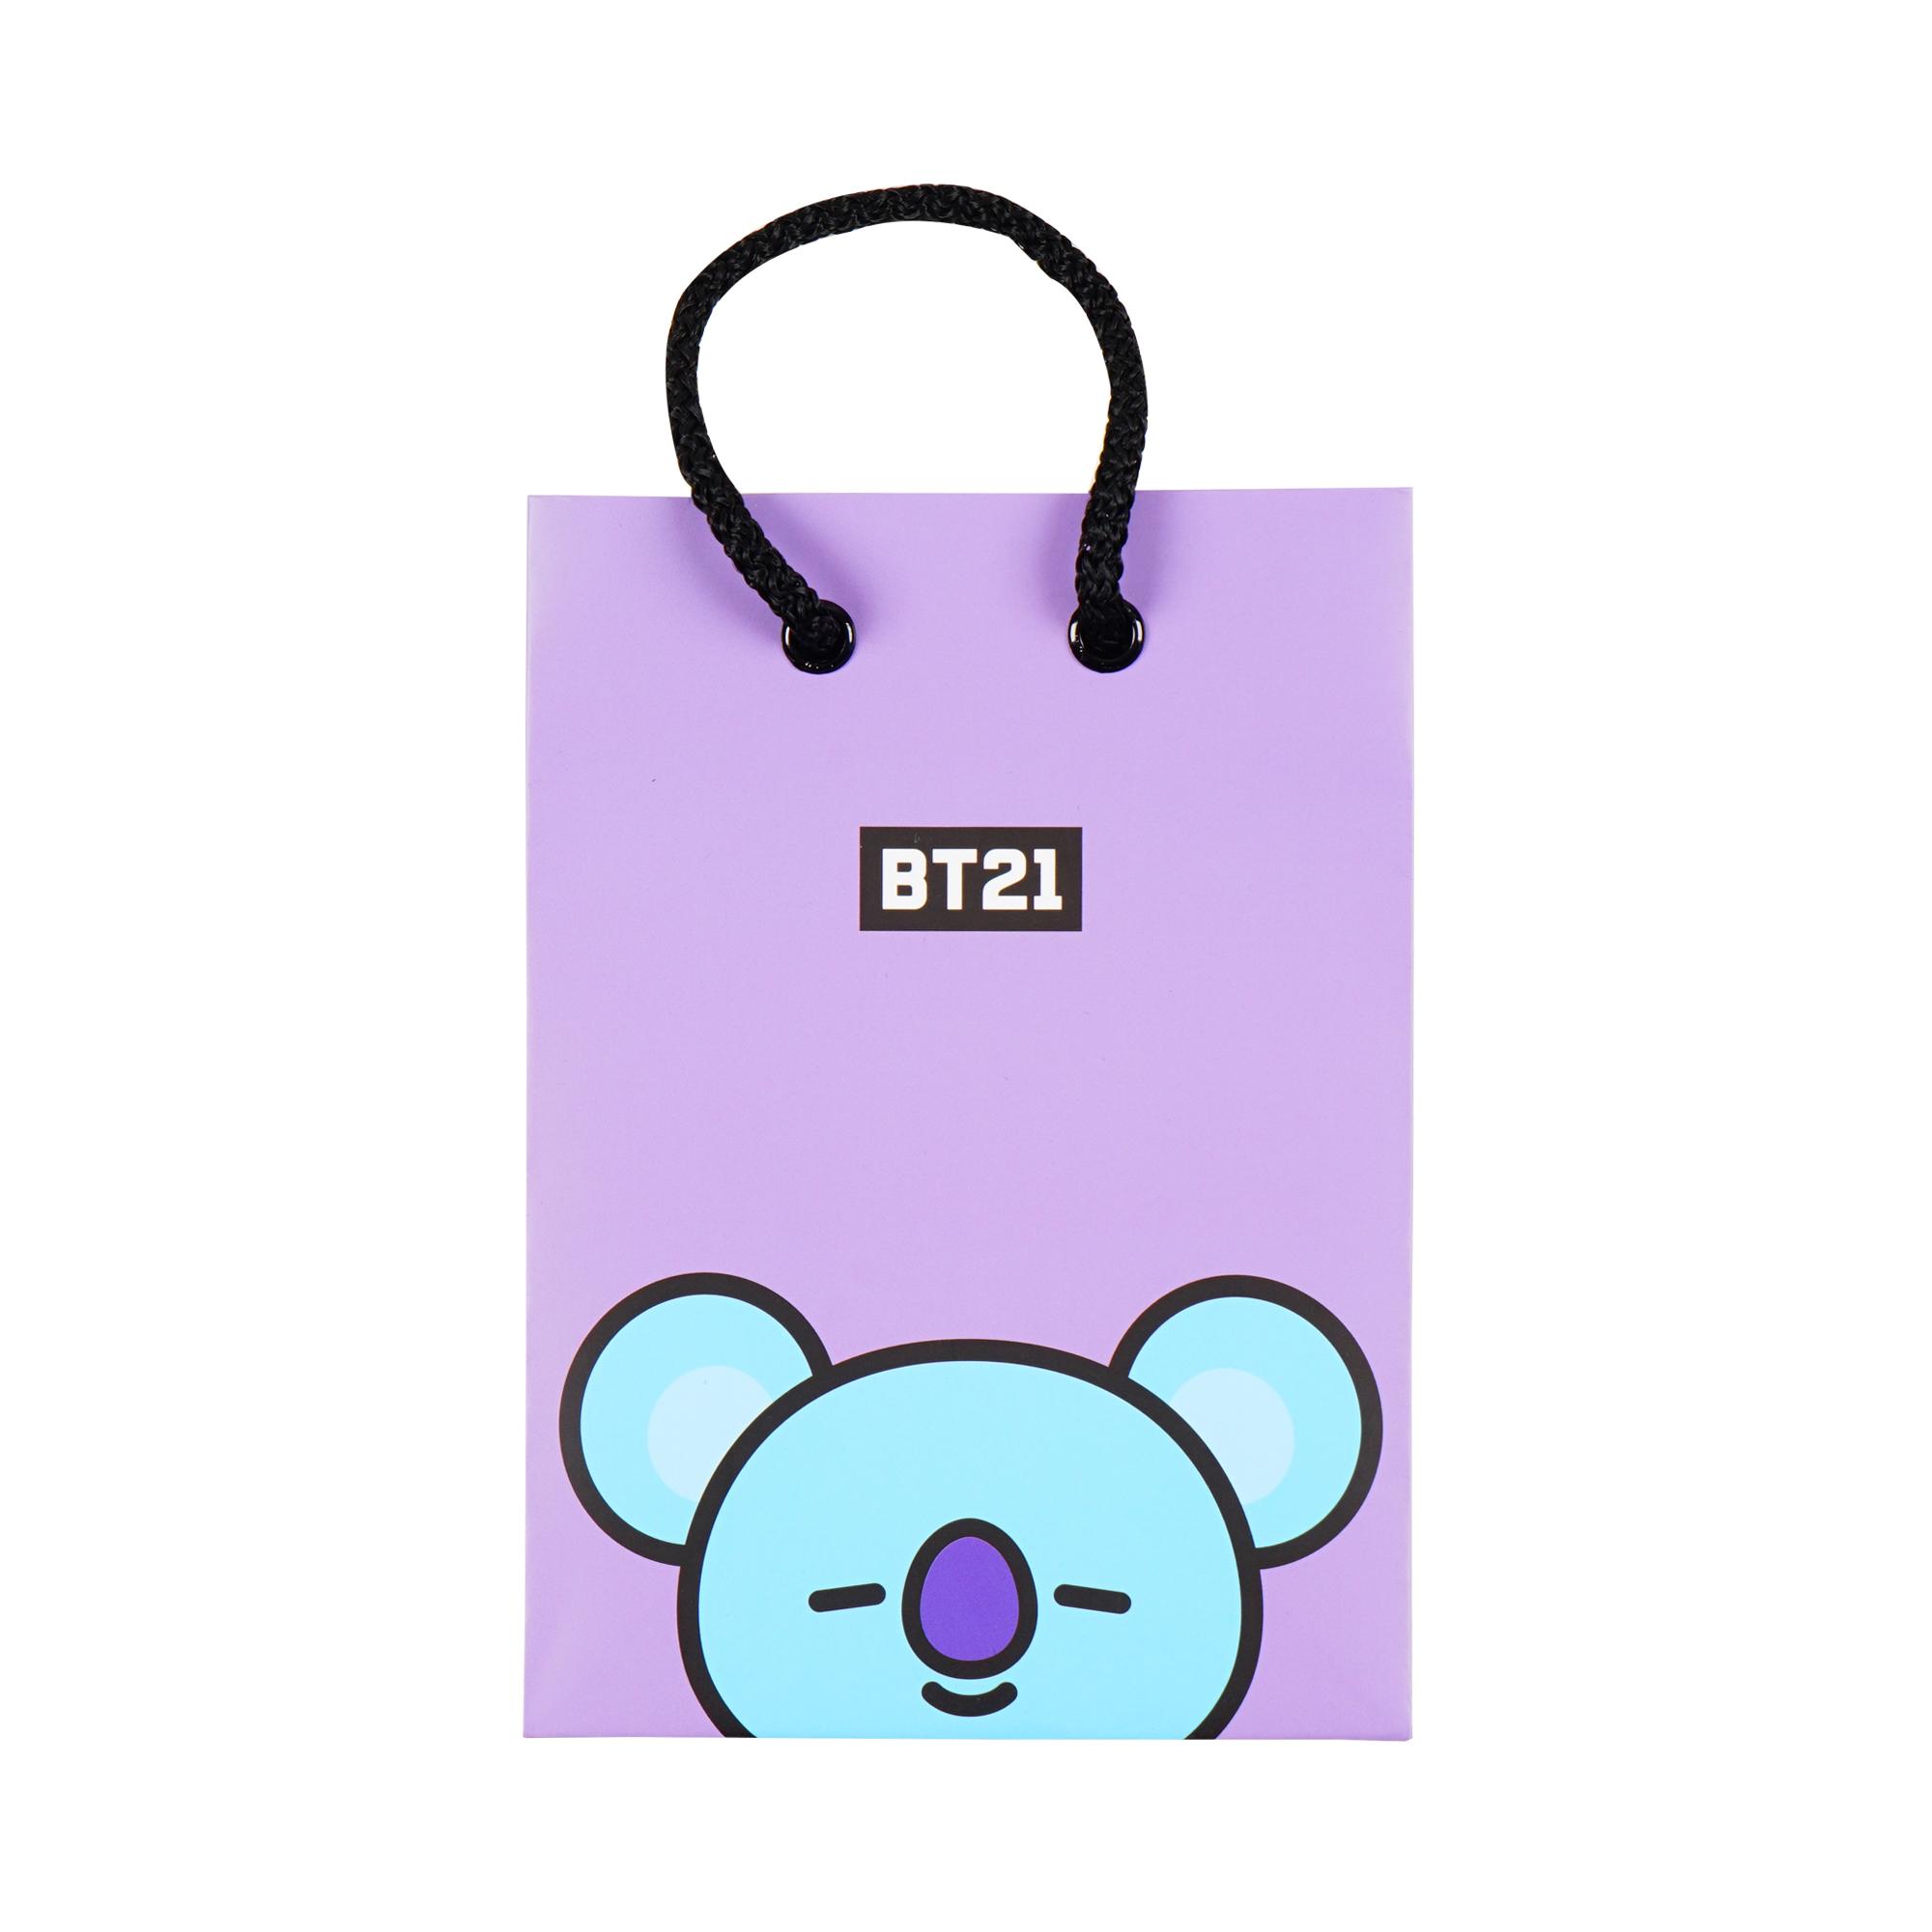 BT21 KOYA 기프트 쇼핑백 (Small)